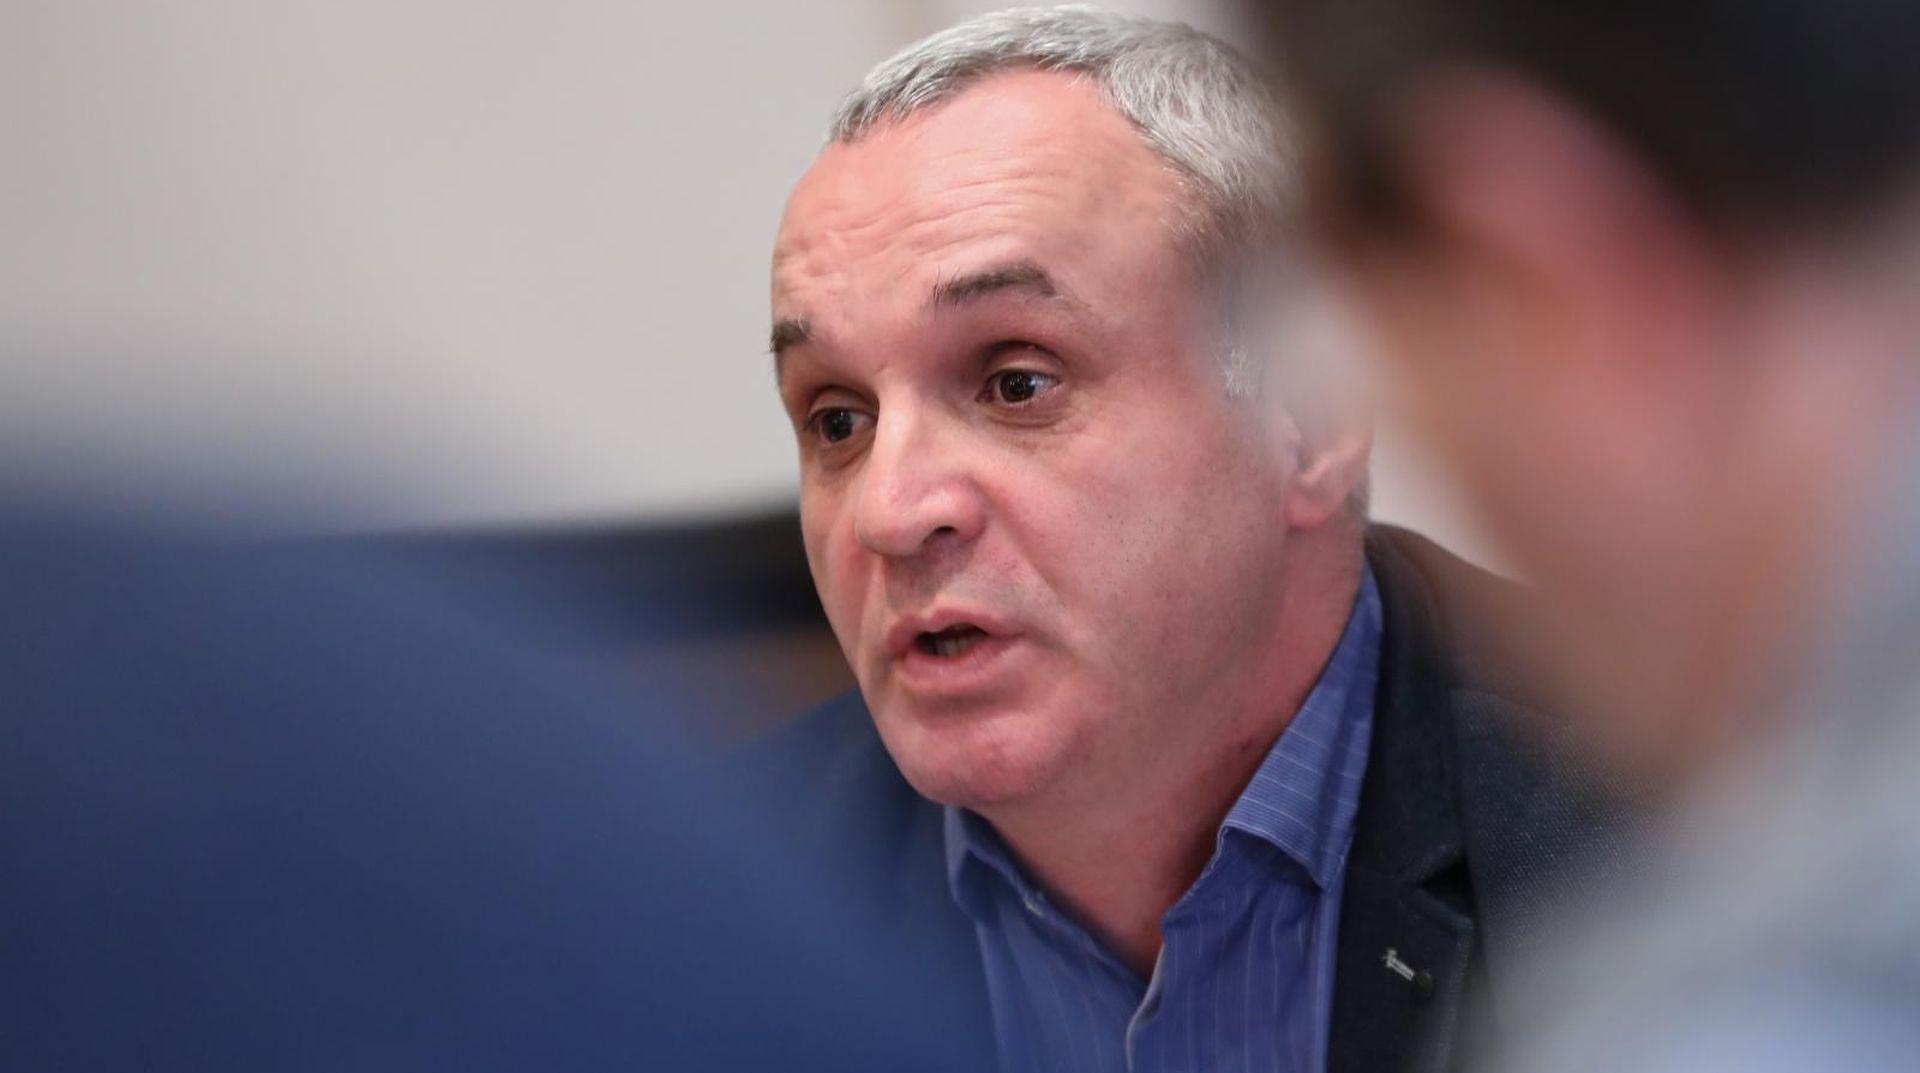 Zovko: 'Zbog HRT-a idemo na prosvjed'; ministrica: 'HRT je uredan'